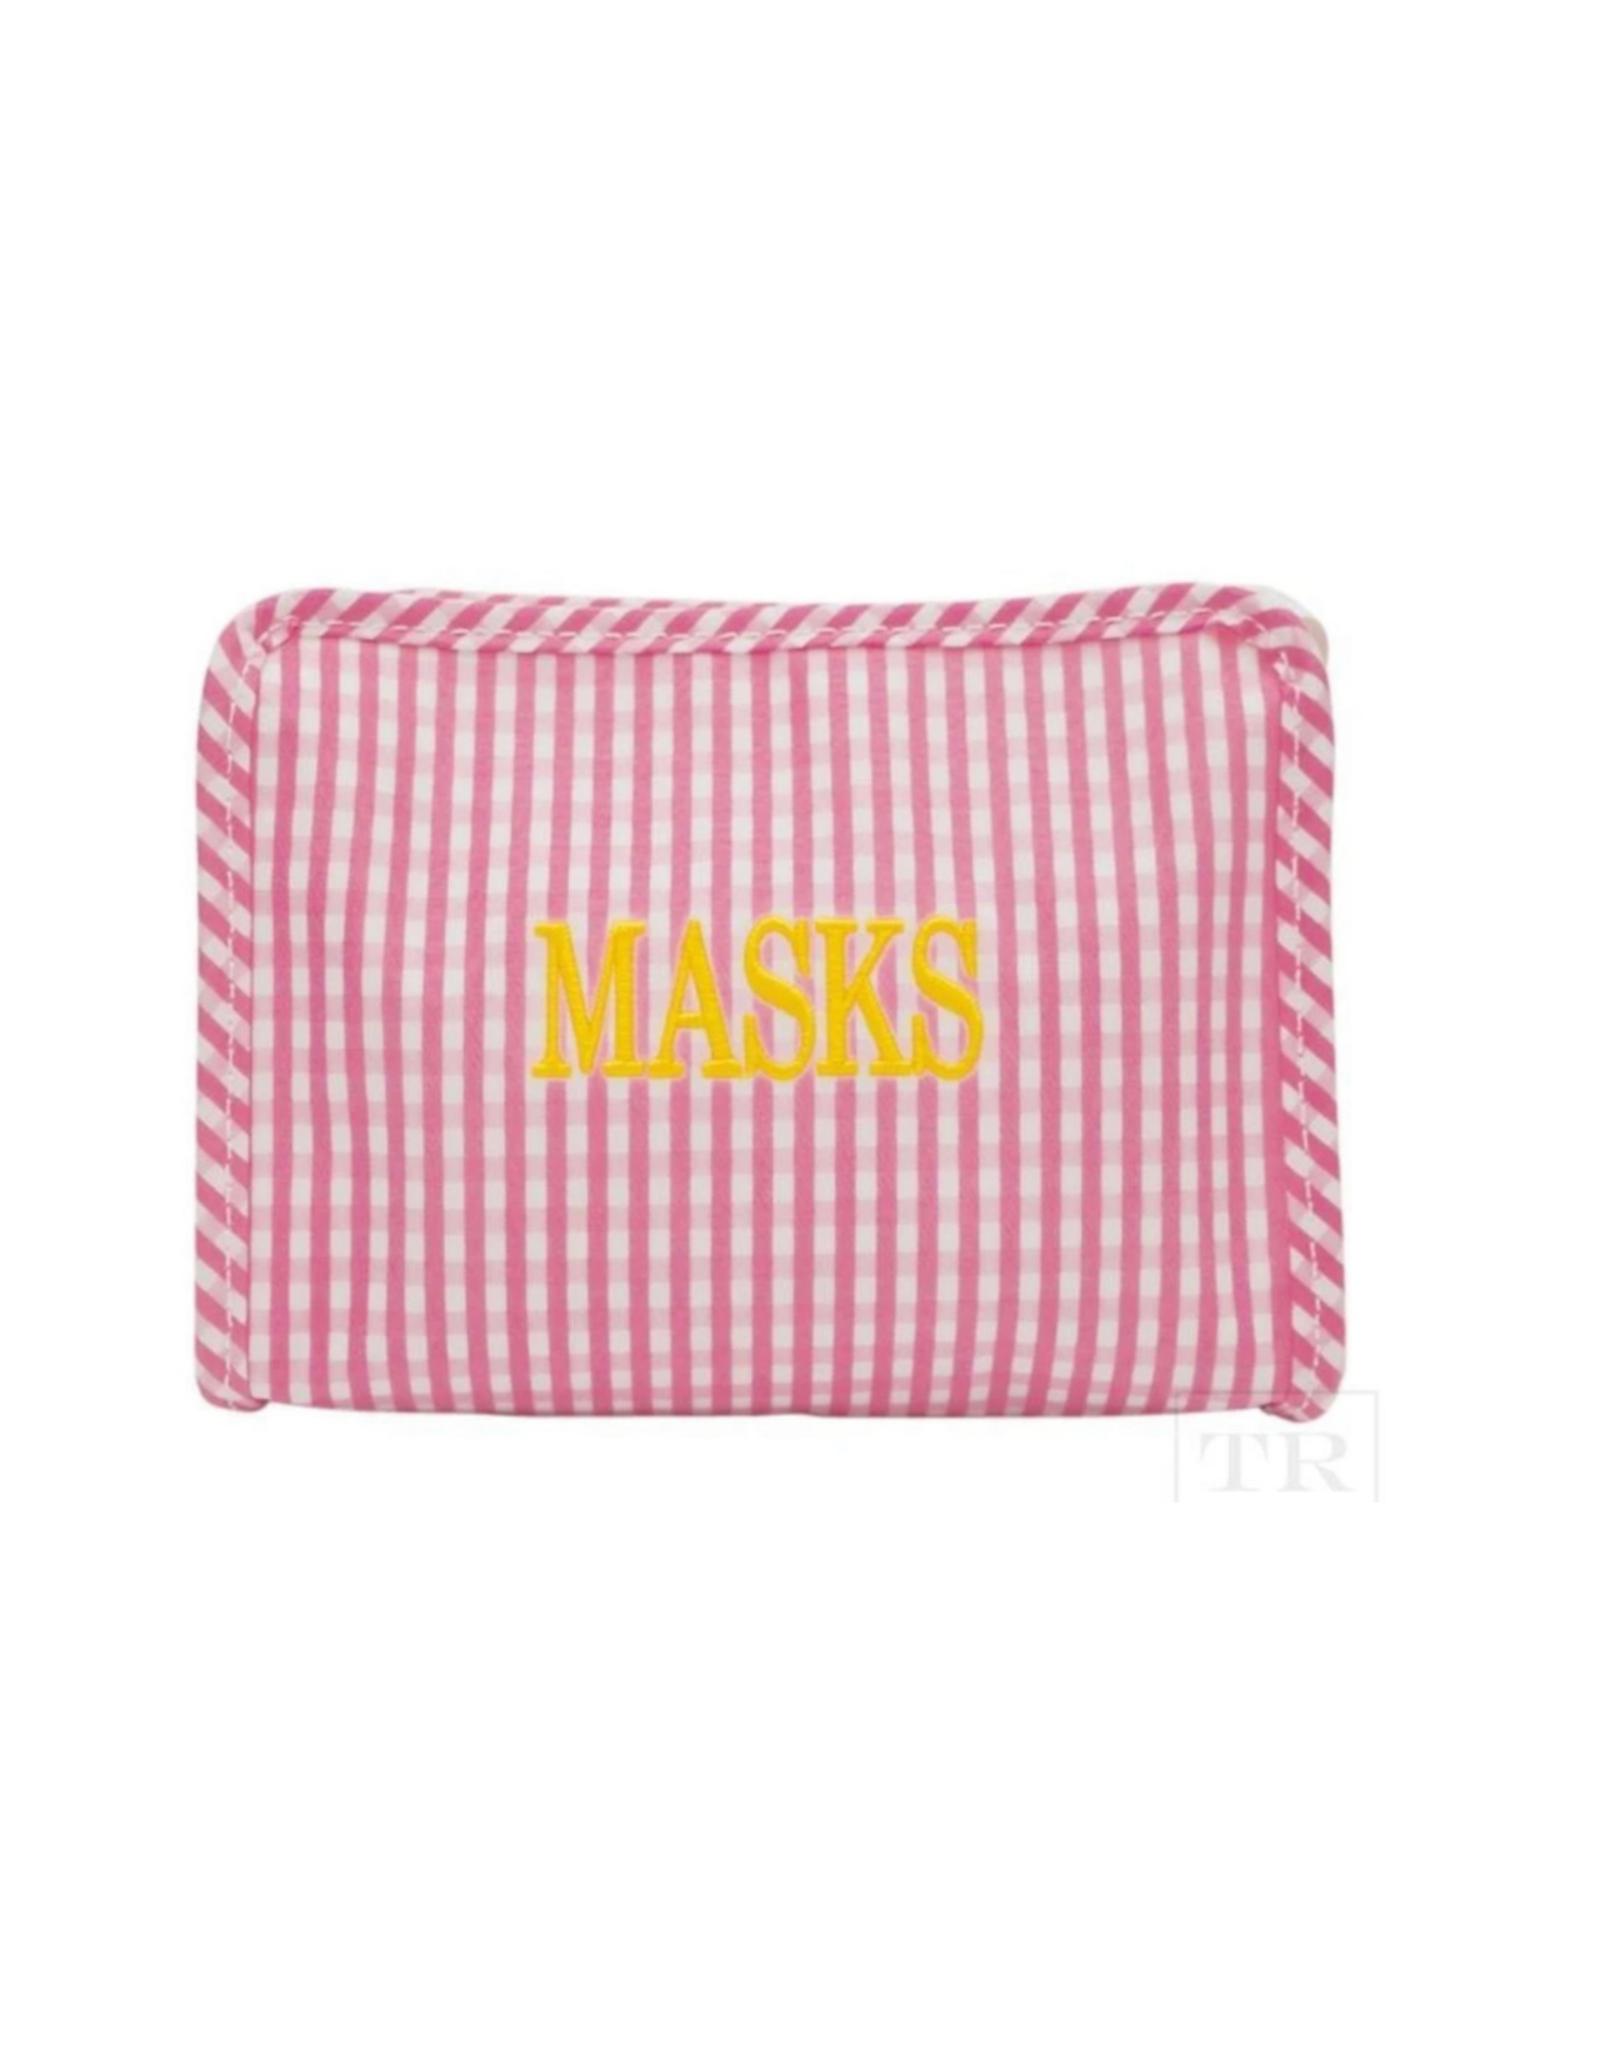 TRVL Design Roadie Masks Bag